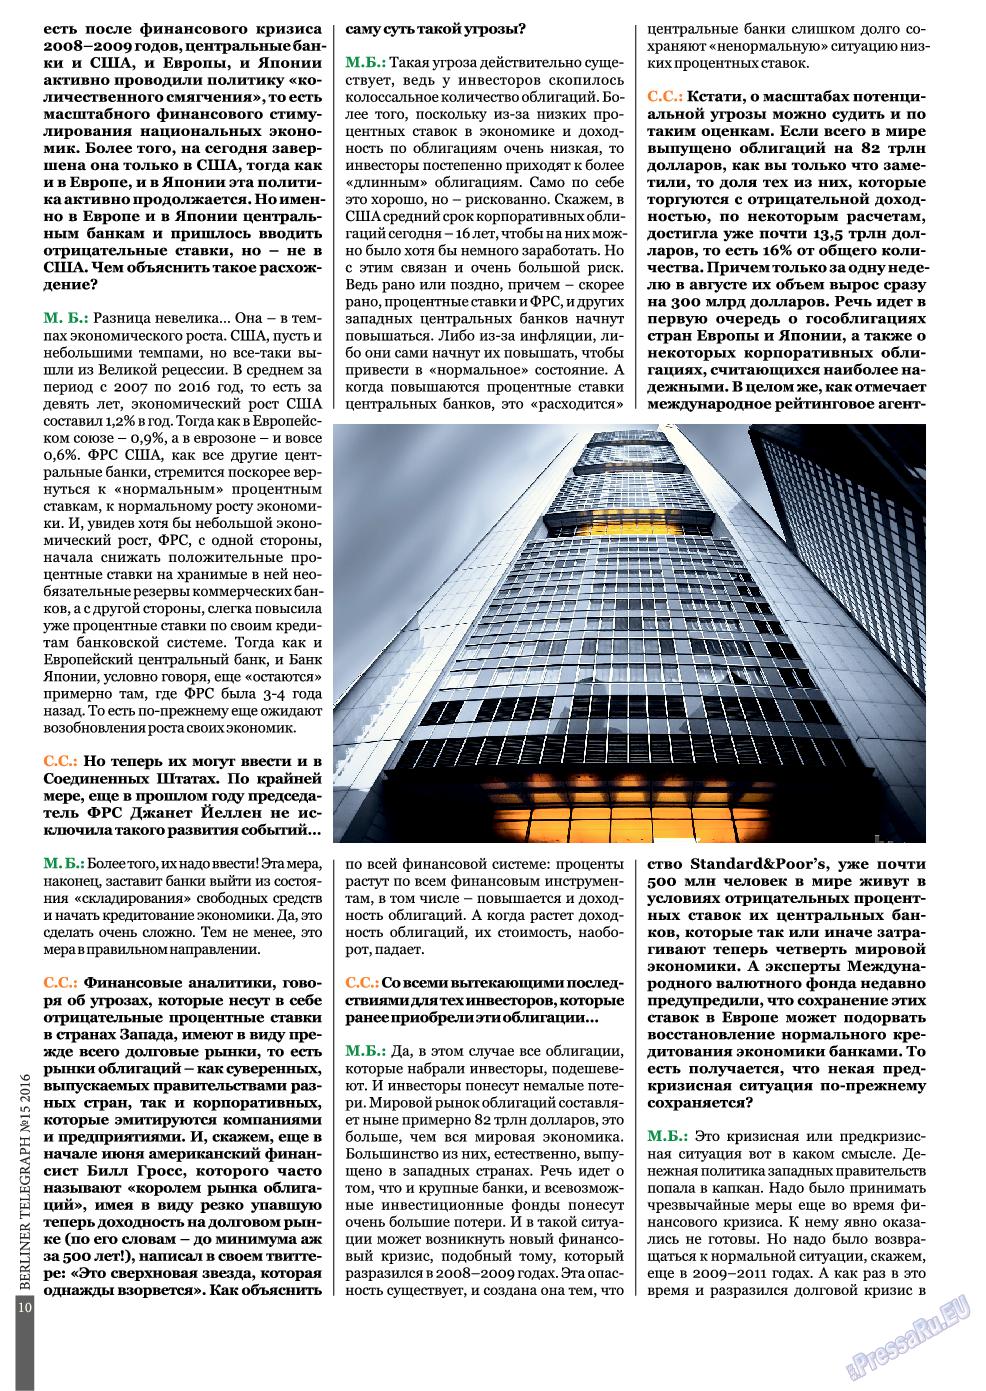 Берлинский телеграф (журнал). 2016 год, номер 15, стр. 10